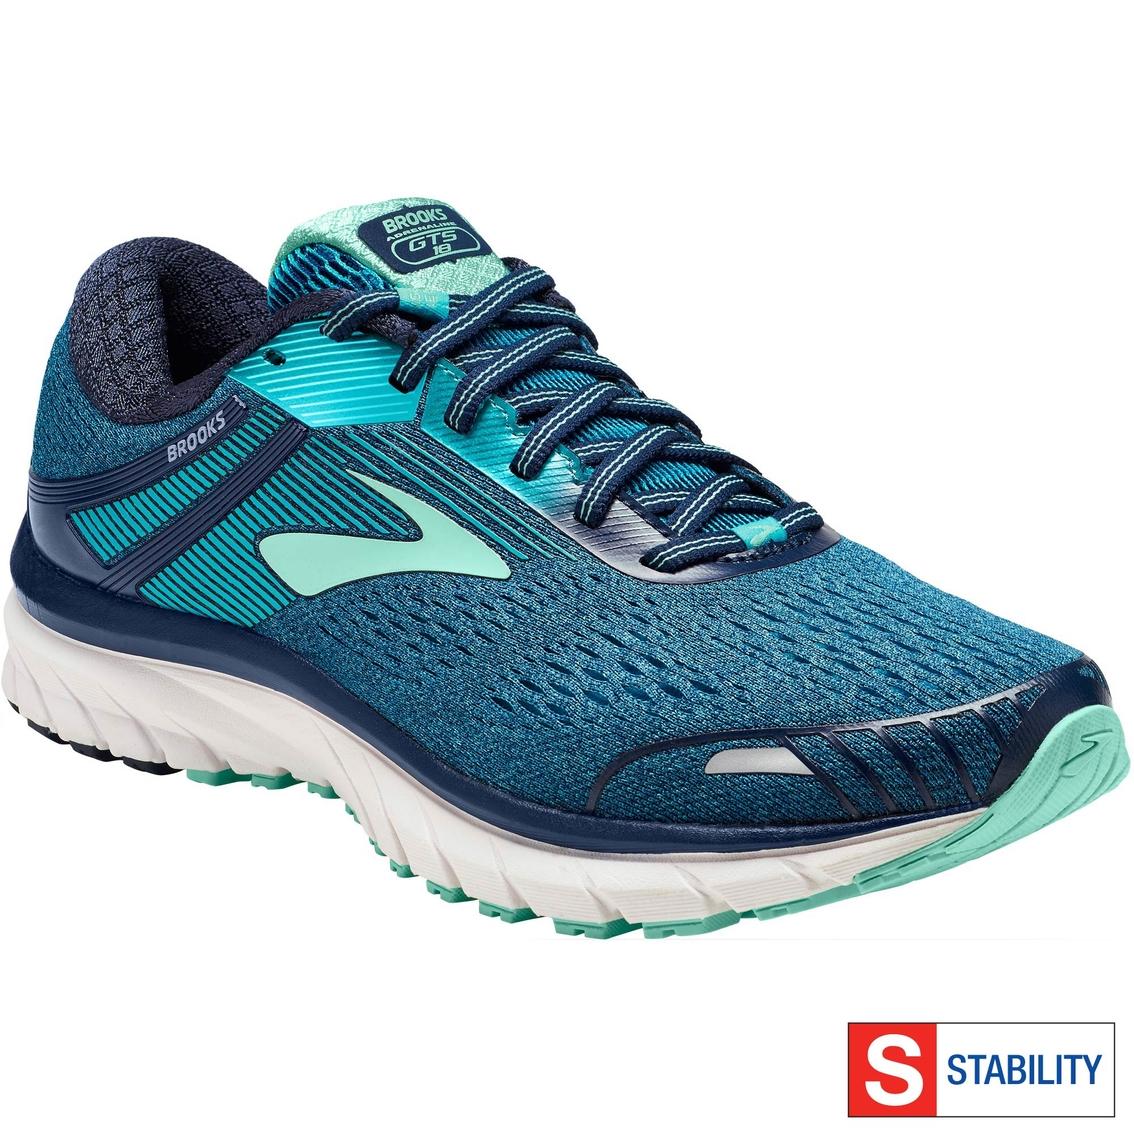 9b288f989c4 Brooks Women s Adrenaline Gts 18 Running Shoes